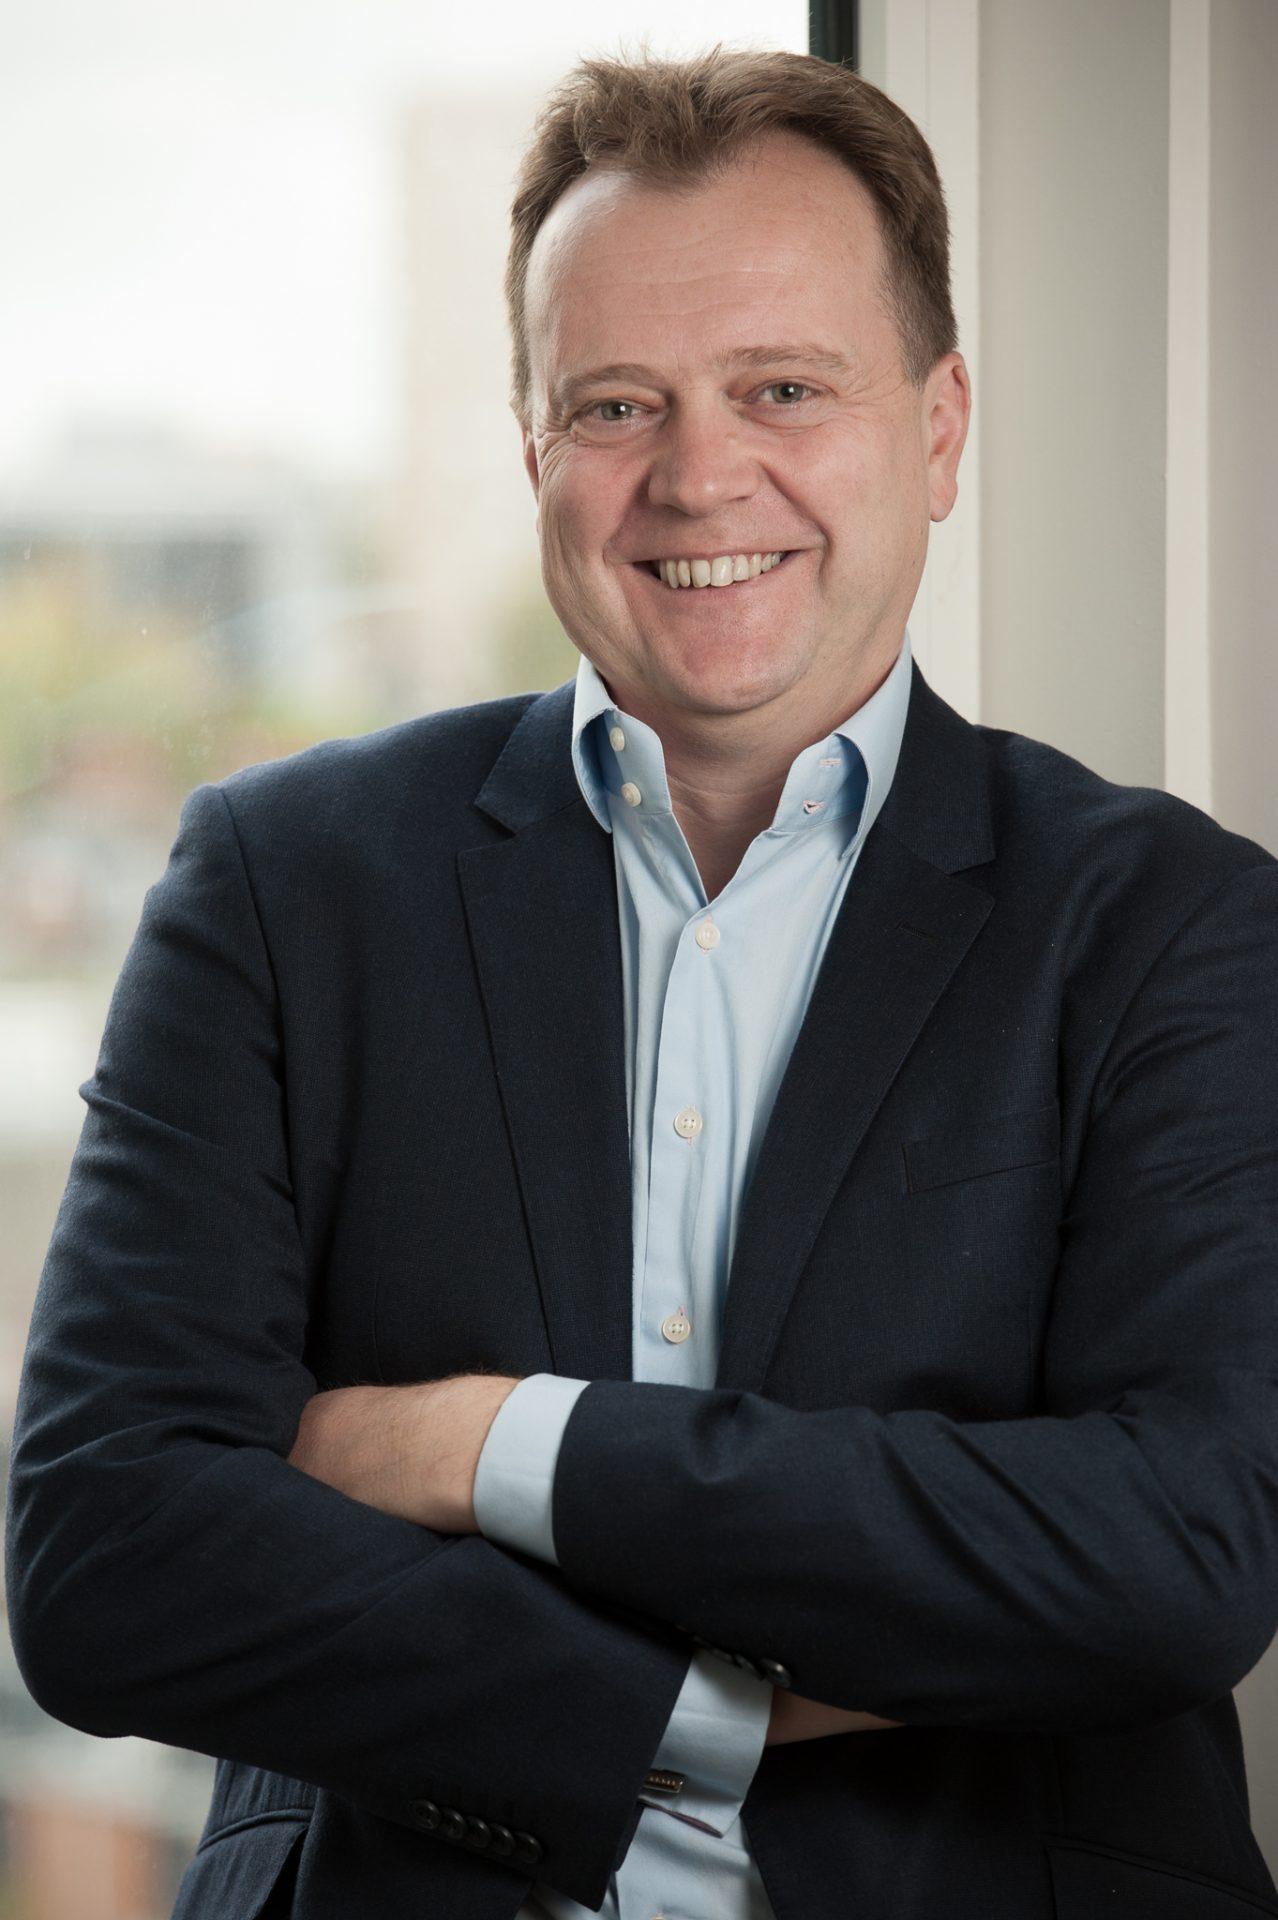 Paul Scholey